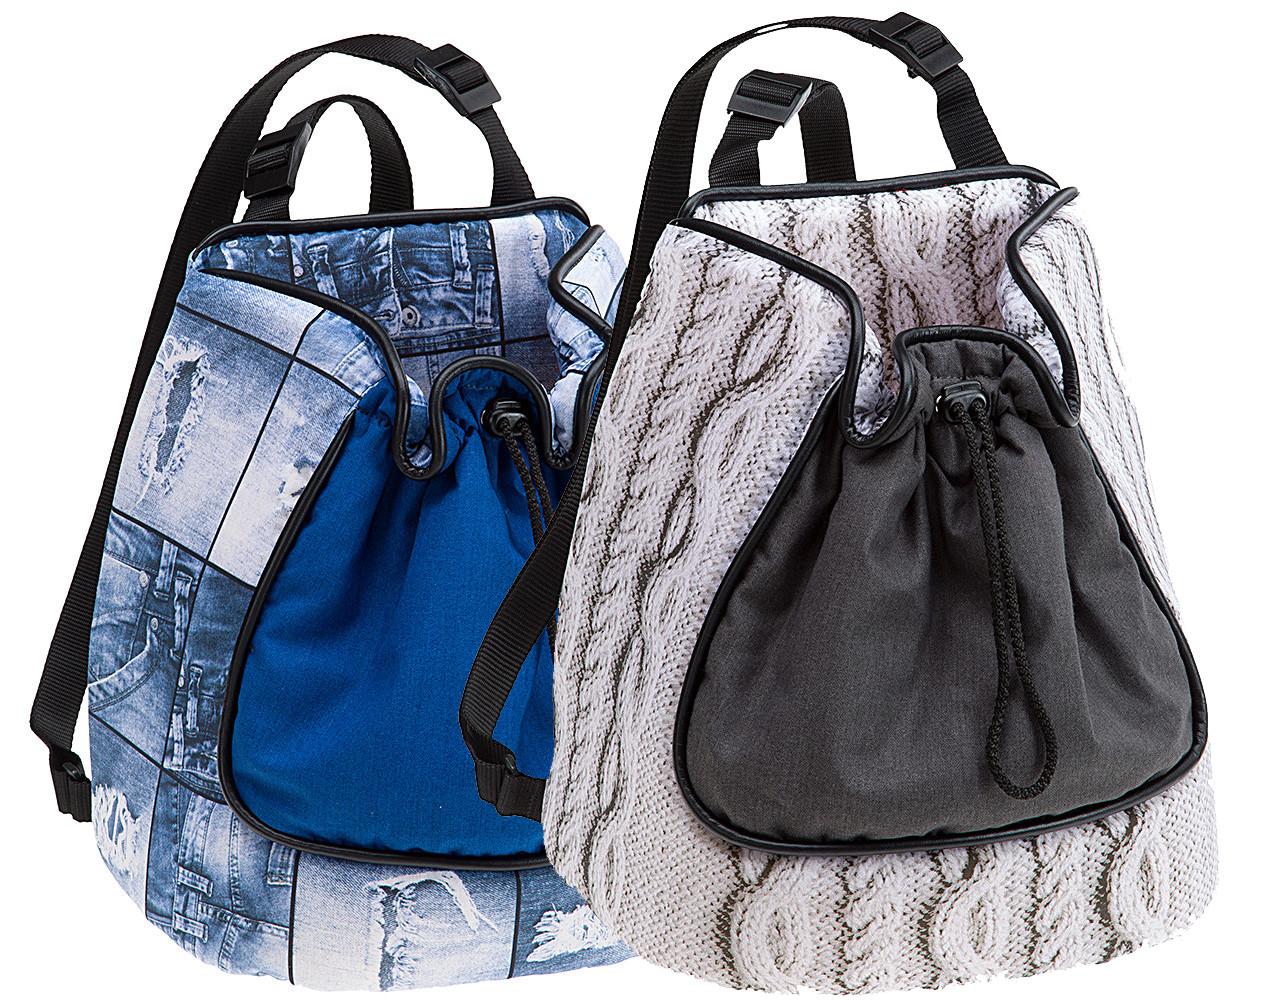 Рюкзак ferplast арлион рюкзаки официальный сайт